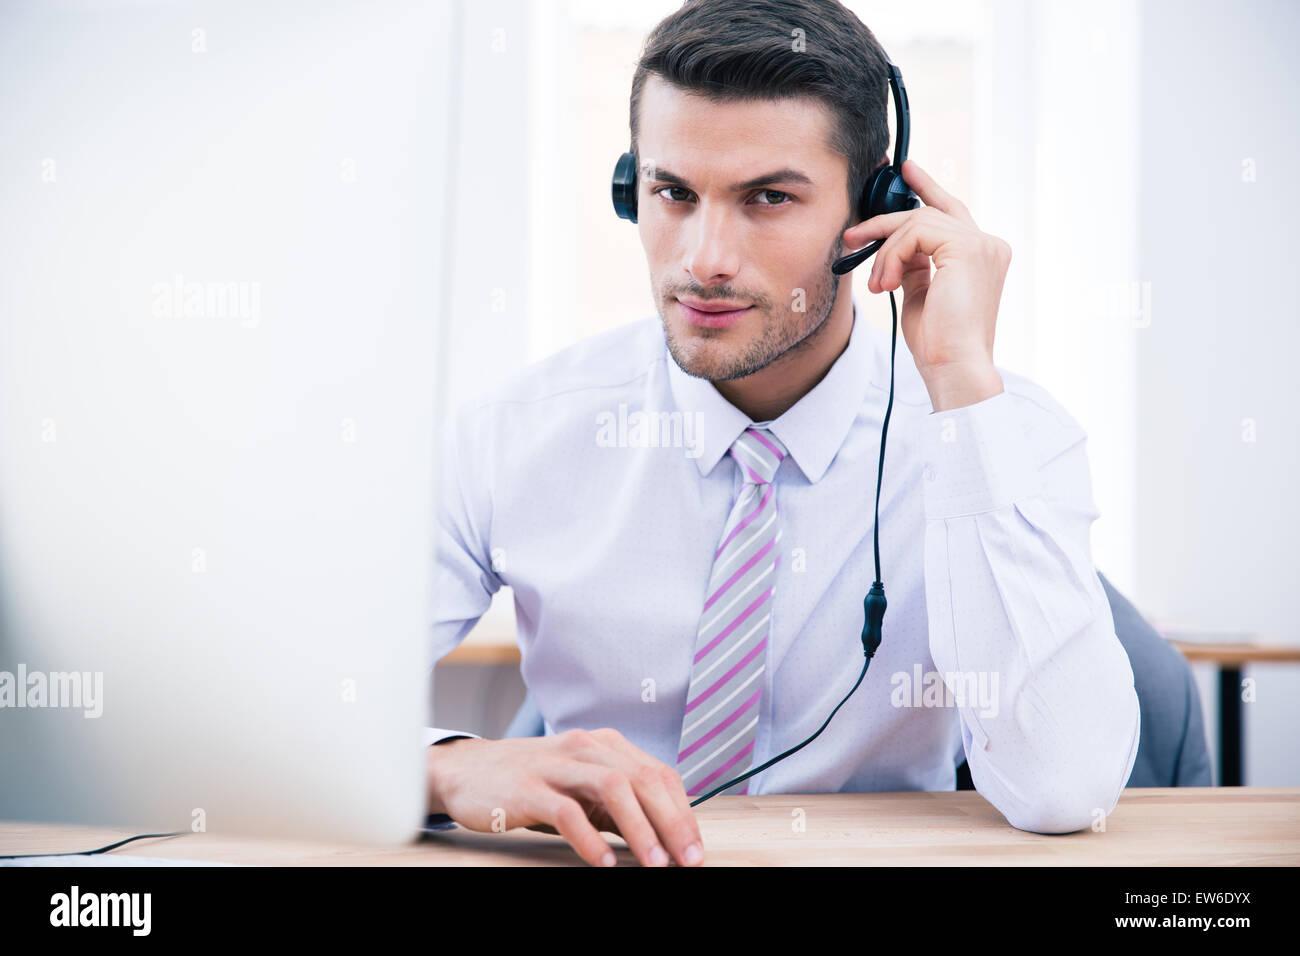 Fiducioso maschio operatore seduto al suo posto di lavoro in ufficio e guardando la fotocamera Immagini Stock